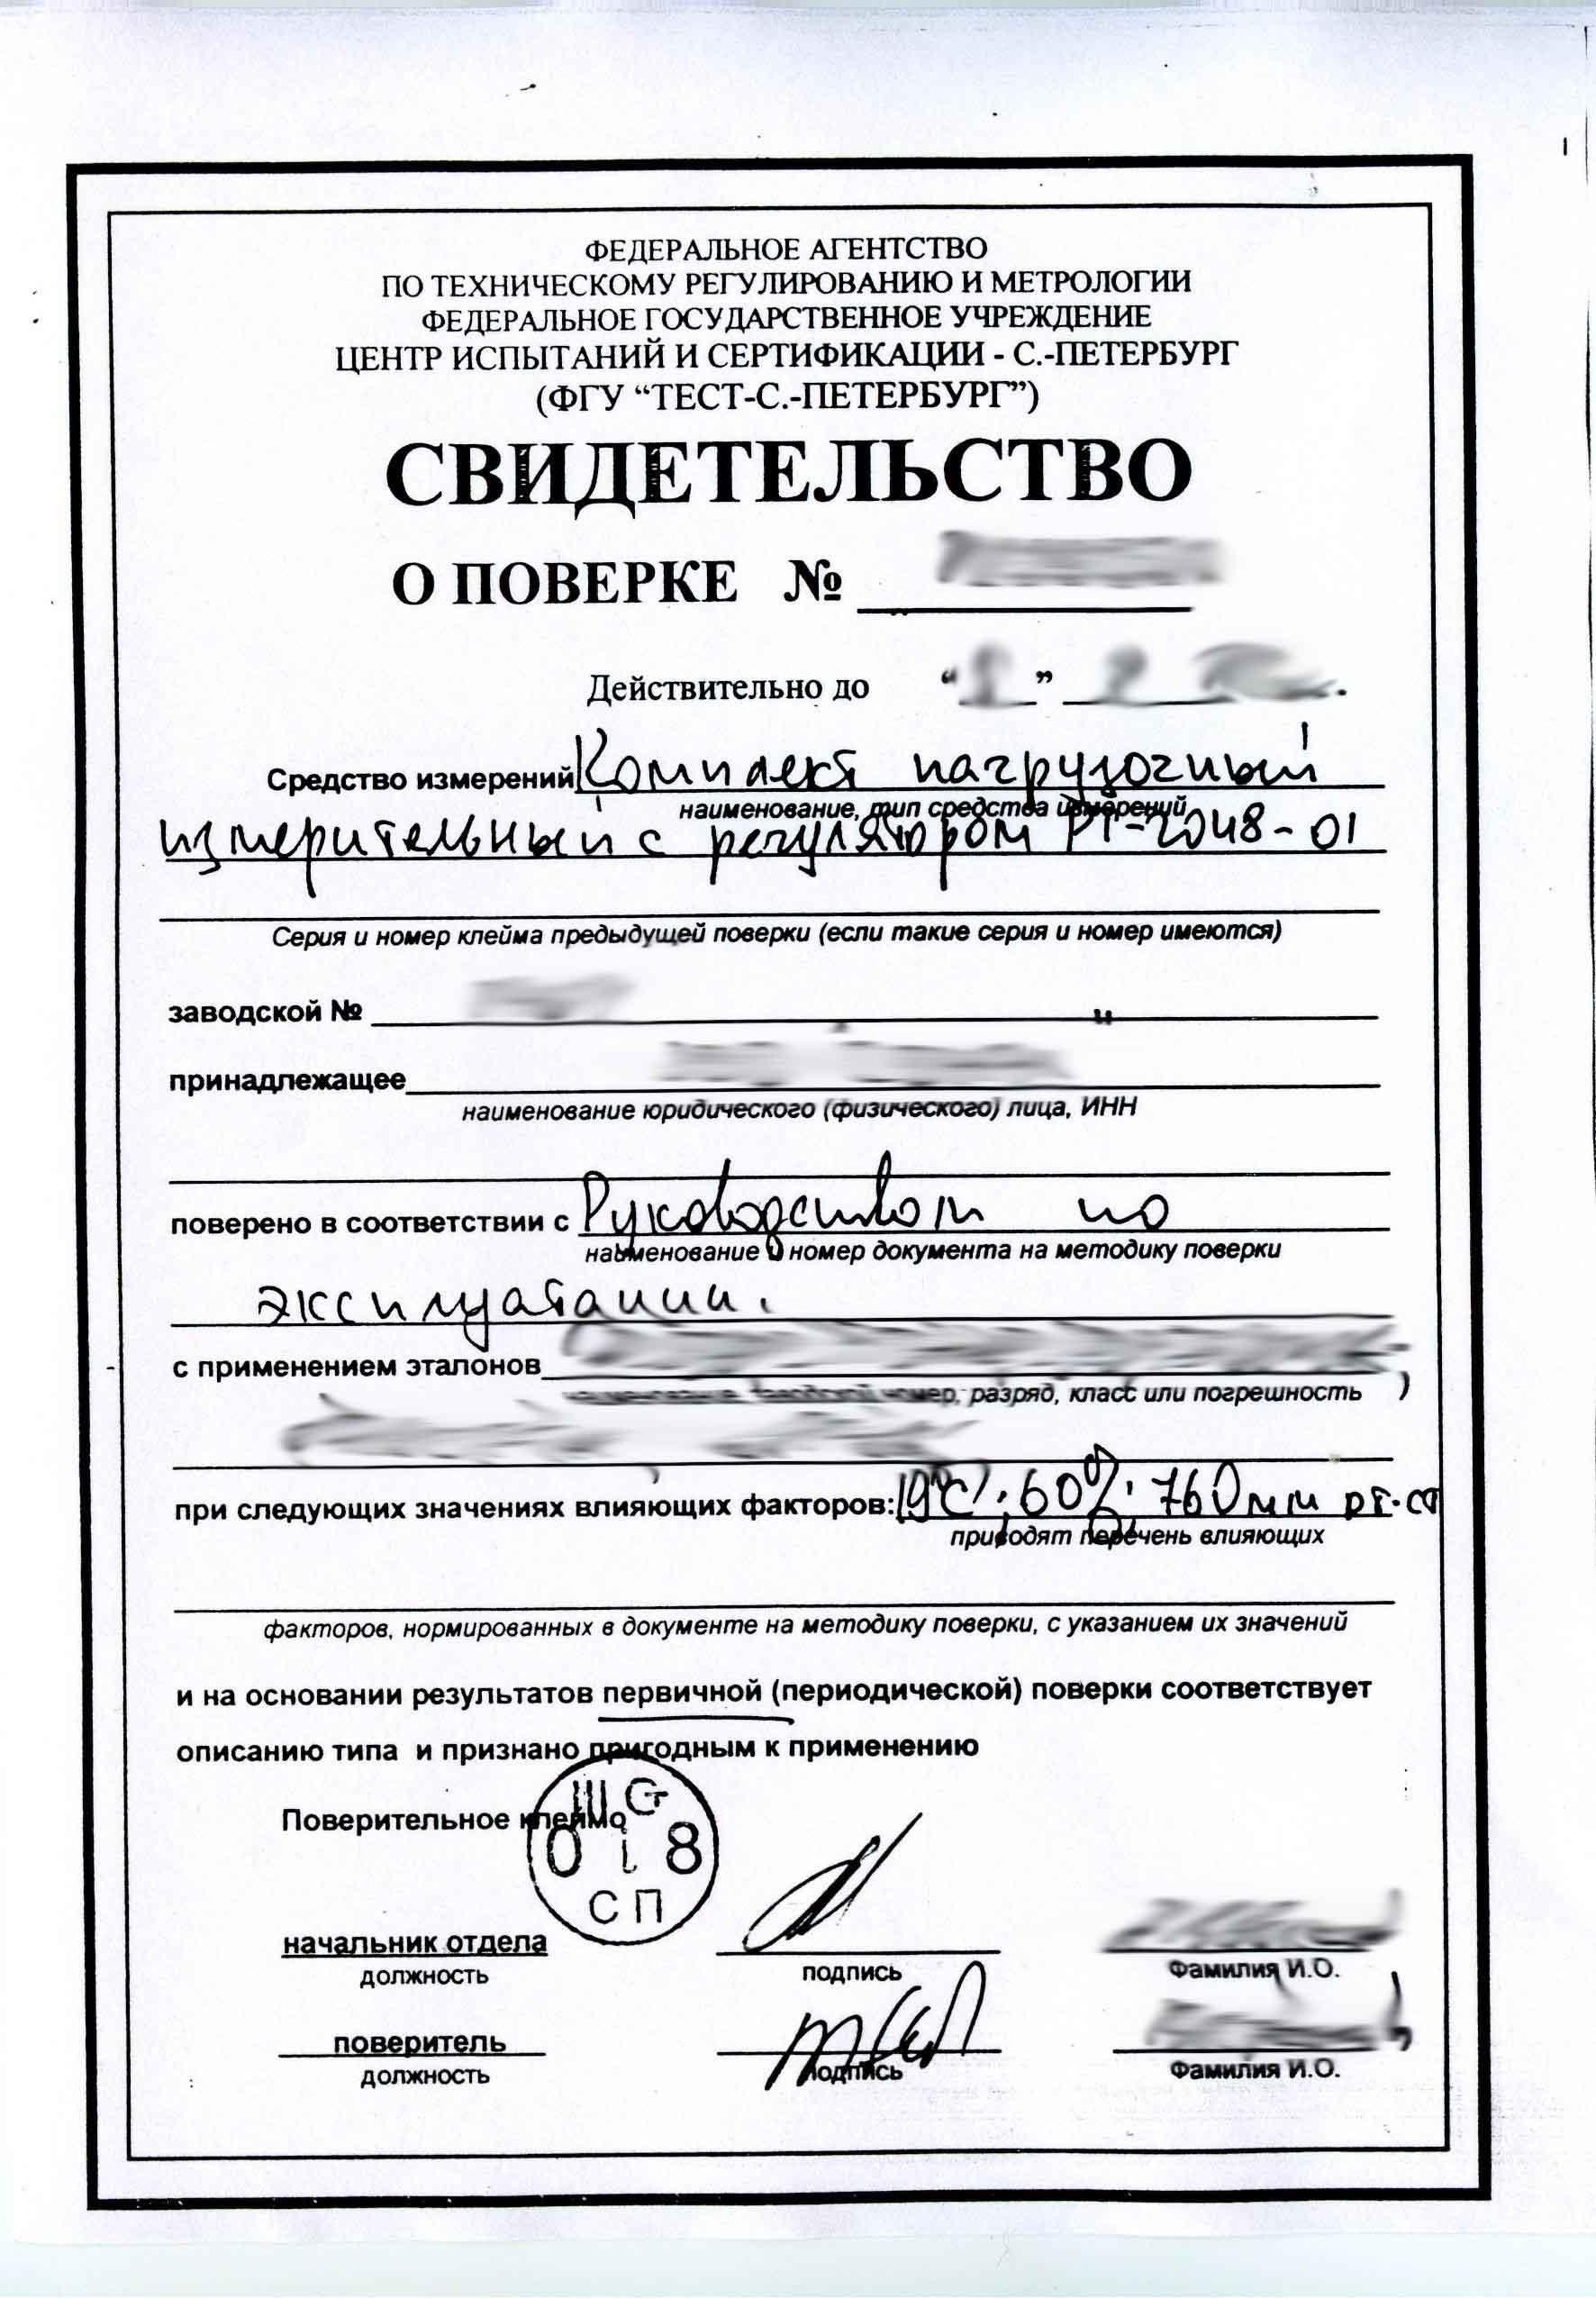 Сертификация средств измерения импортных обязательная сертификация коптильного производства